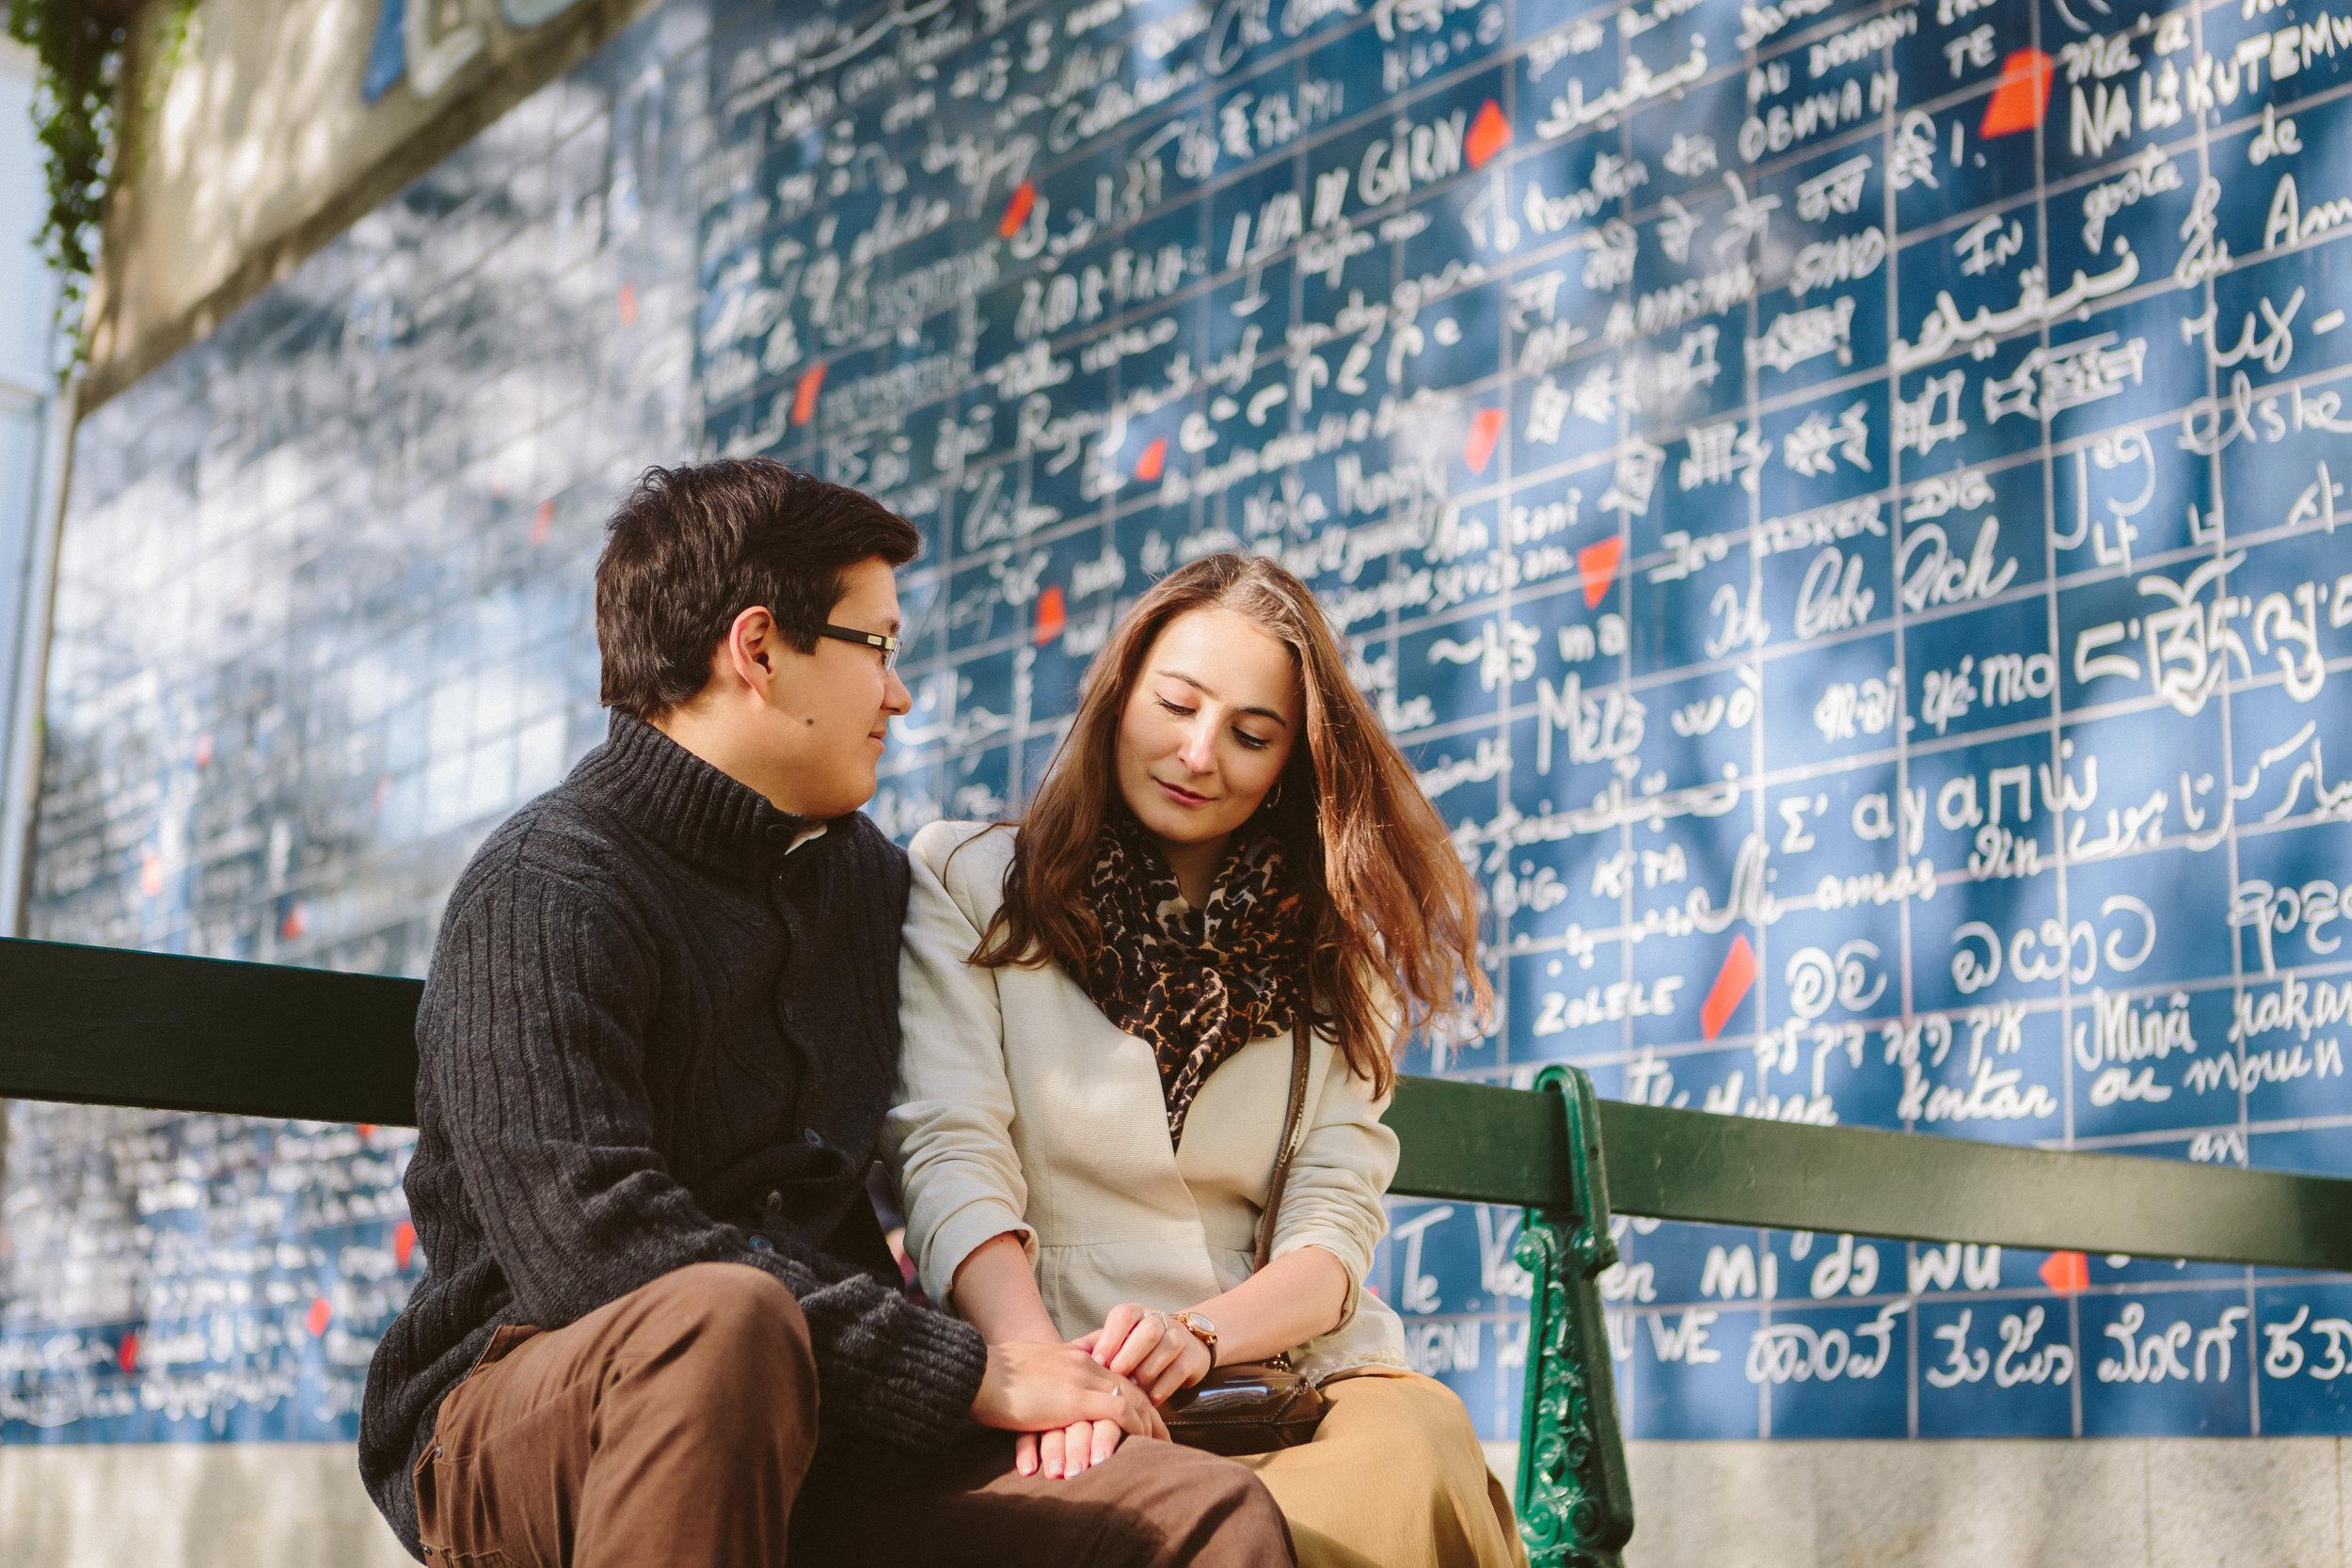 paris photographer engagement couple portrait by I love you wall Le mur des je t'aime in montmartre